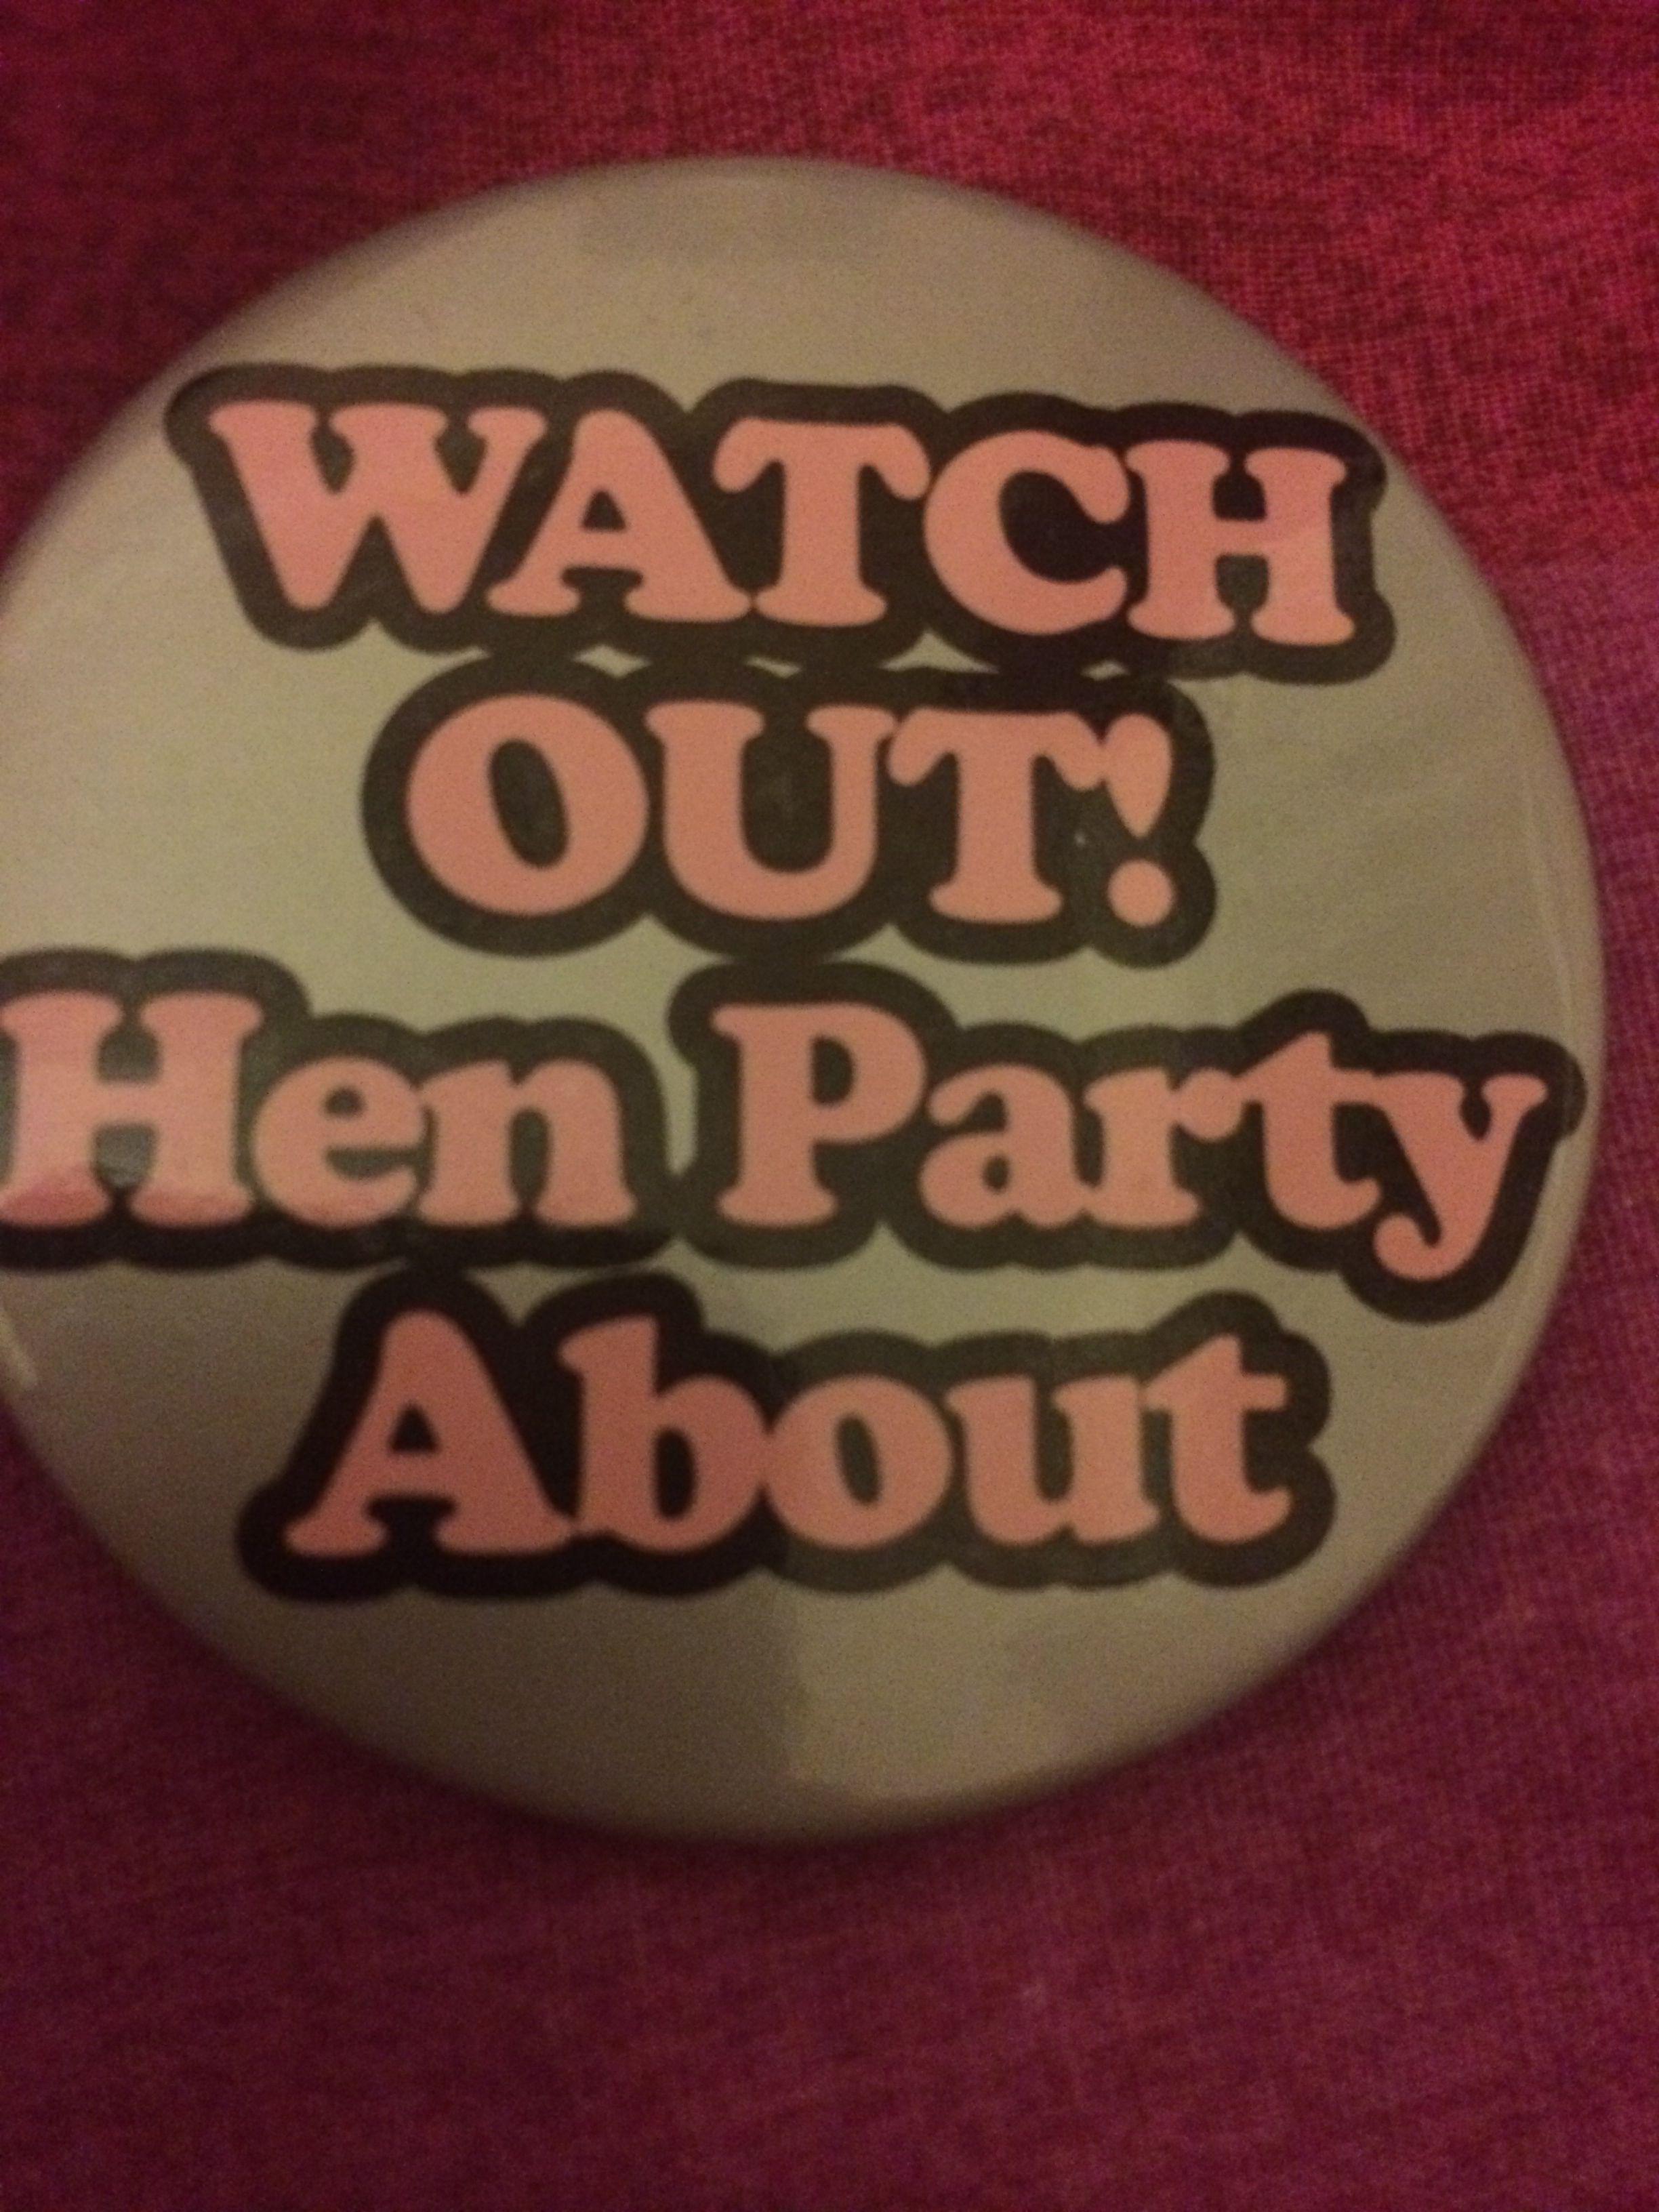 Hen party badge